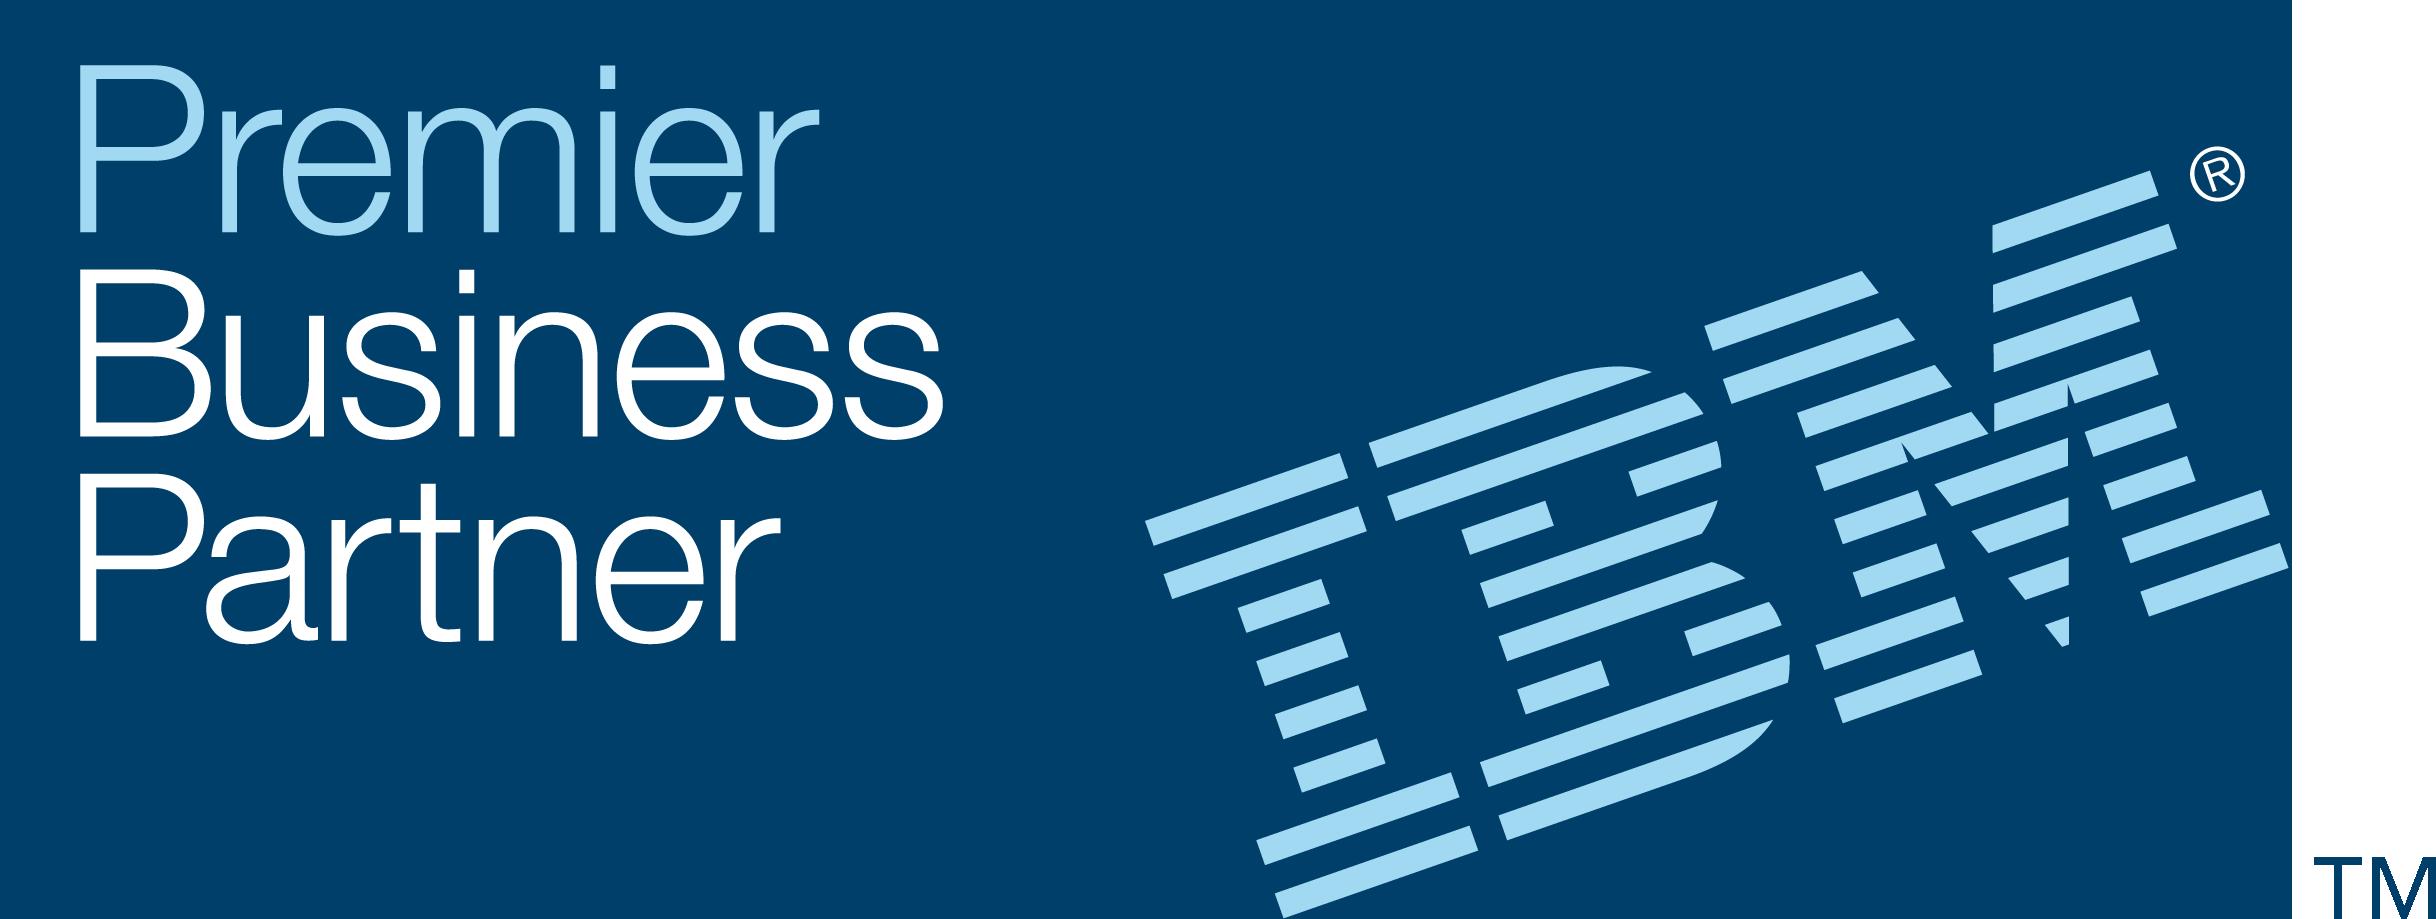 IBM Logo_premier_business_partner.png